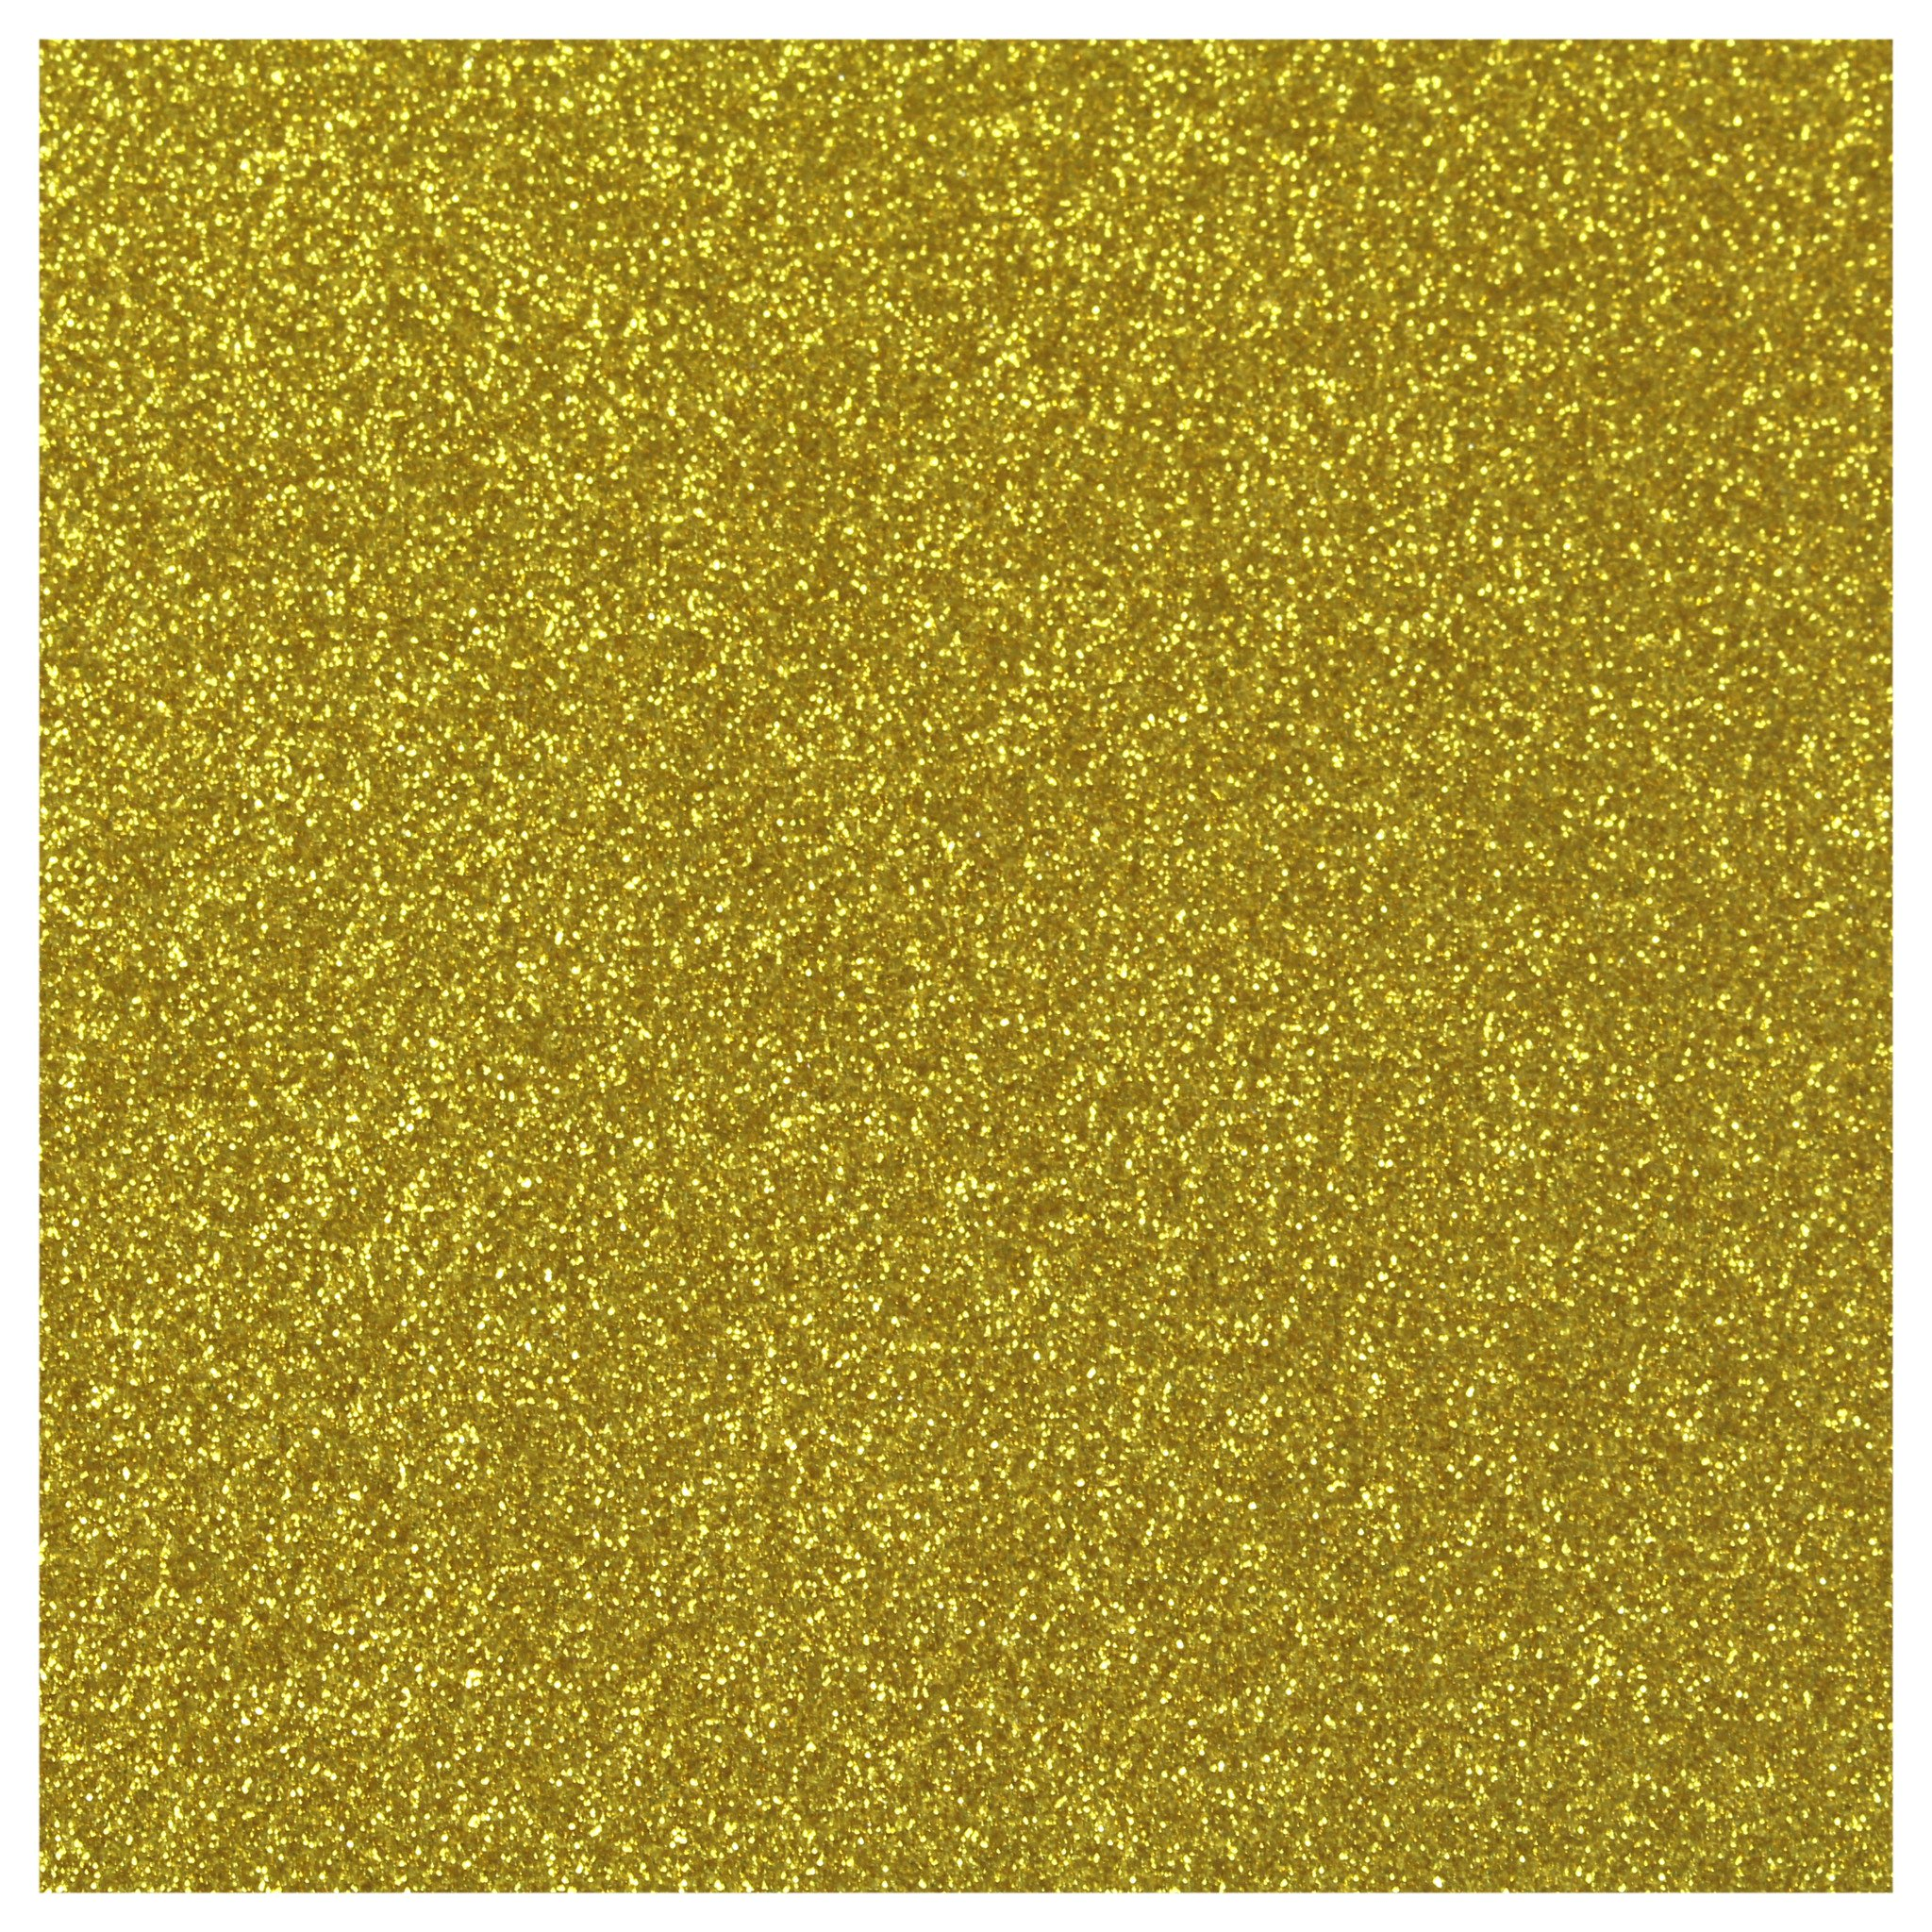 Siser Glitter Heat Transfer Material - Gold